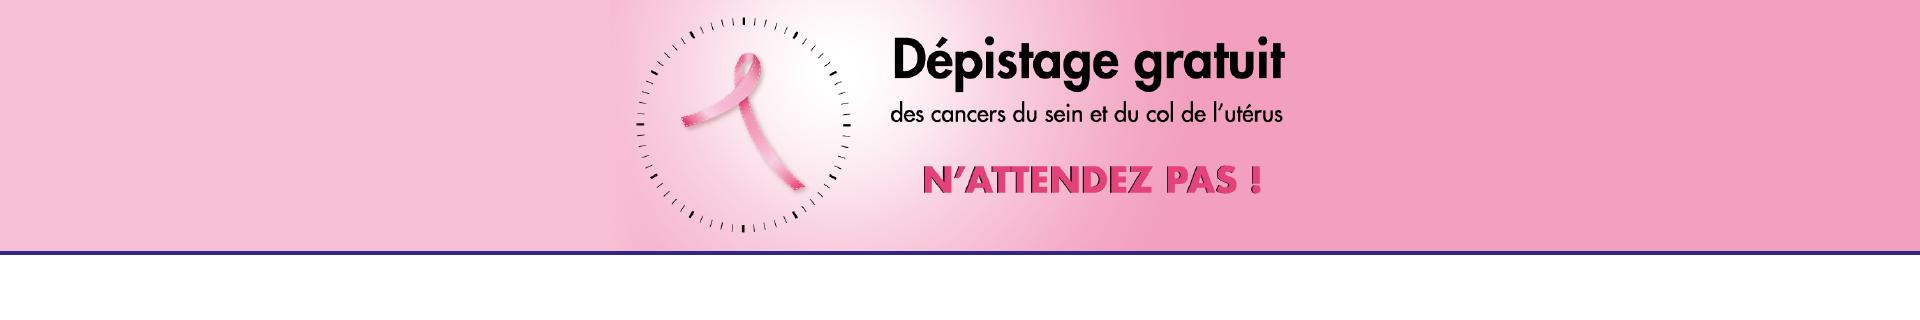 Campagne de dépistage 2020 (27-05-2020)